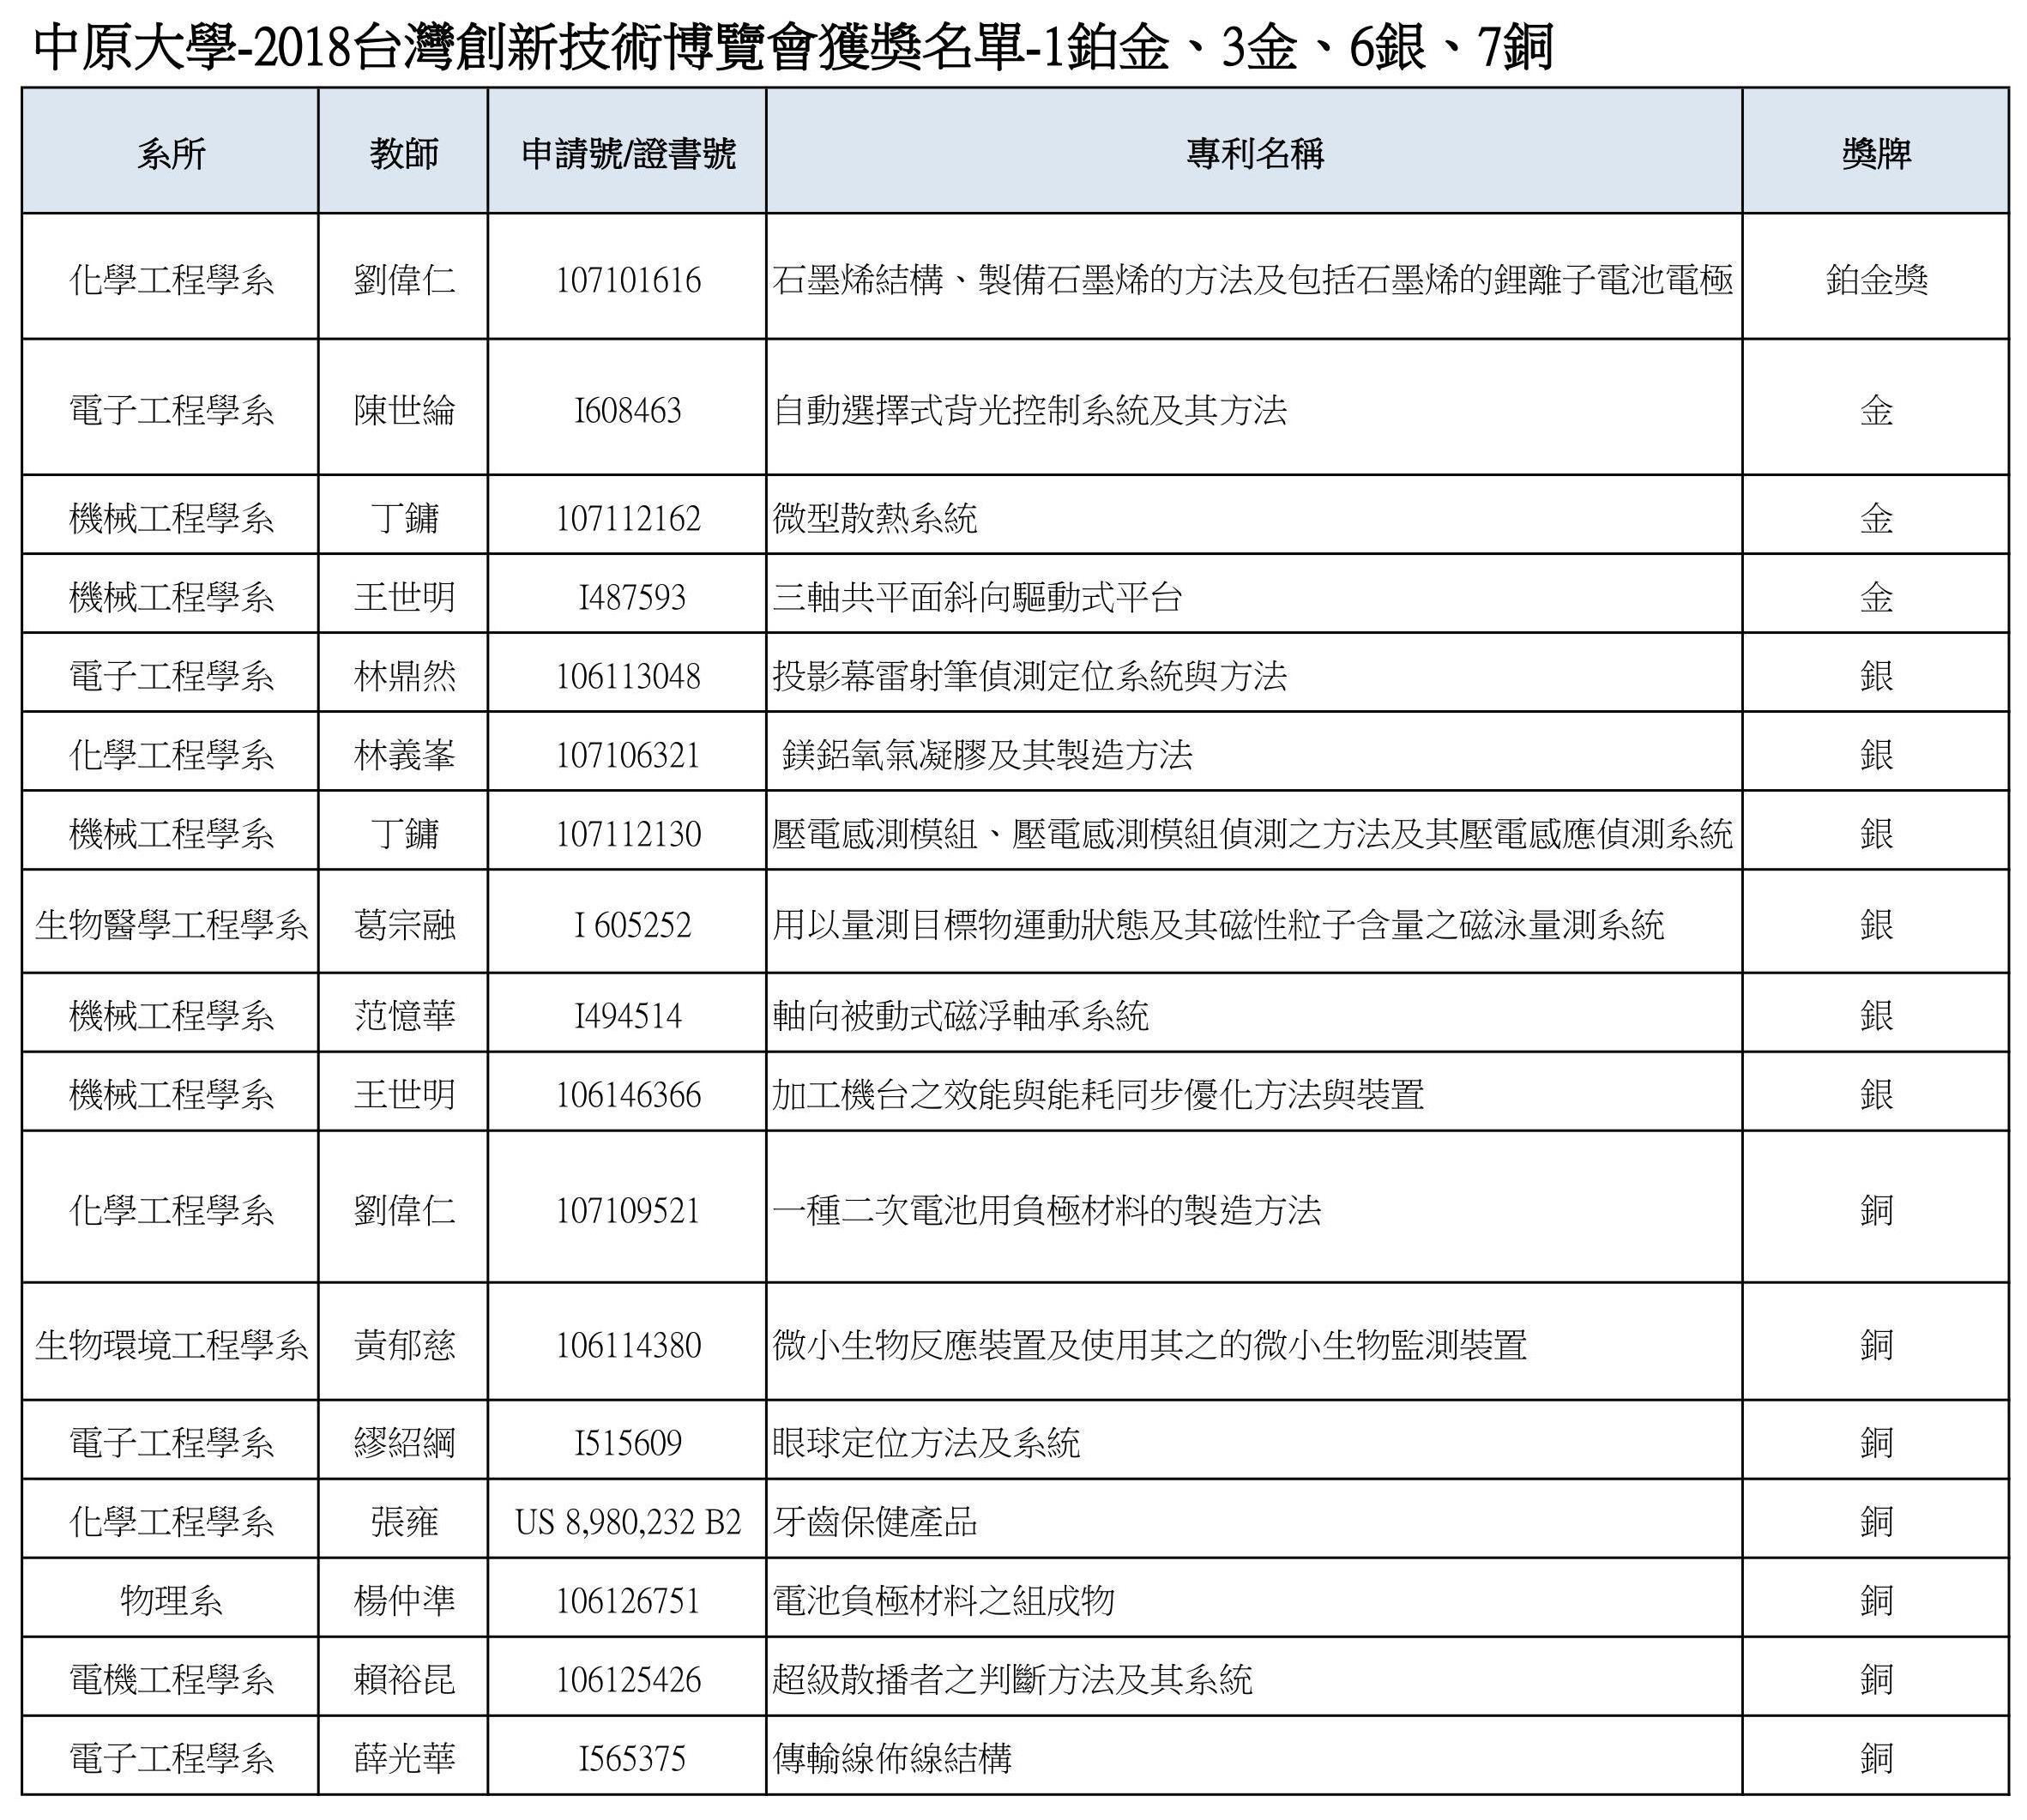 2018台北發明展獲獎名單.jpg